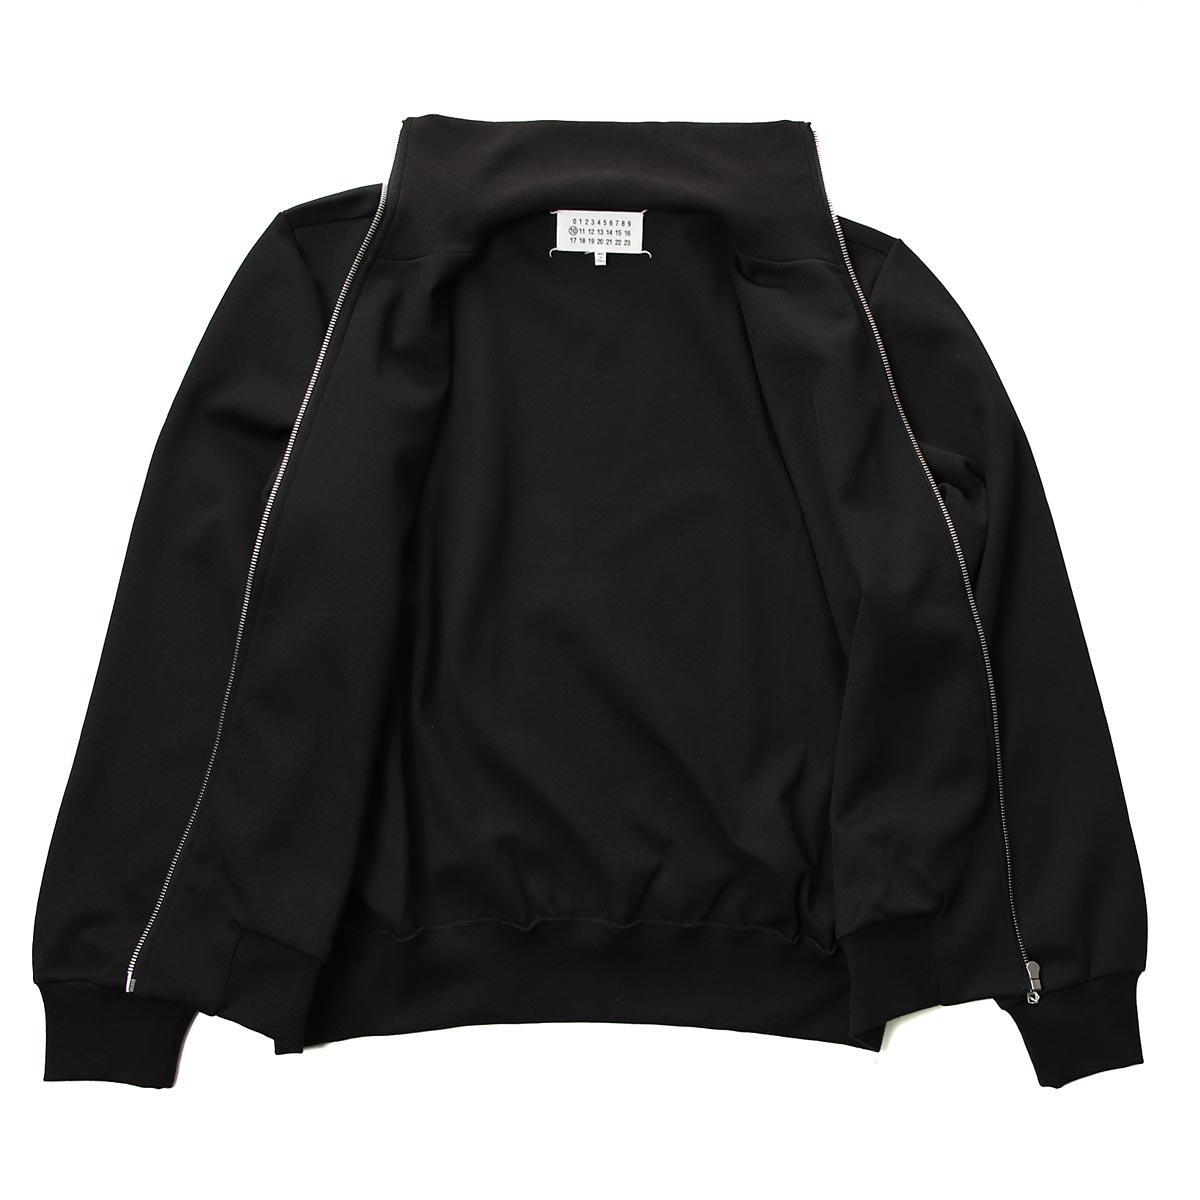 Maison Margiela メゾンマルジェラ トラックジャケット/スウェット/10 男性のためのコレクション メンズ